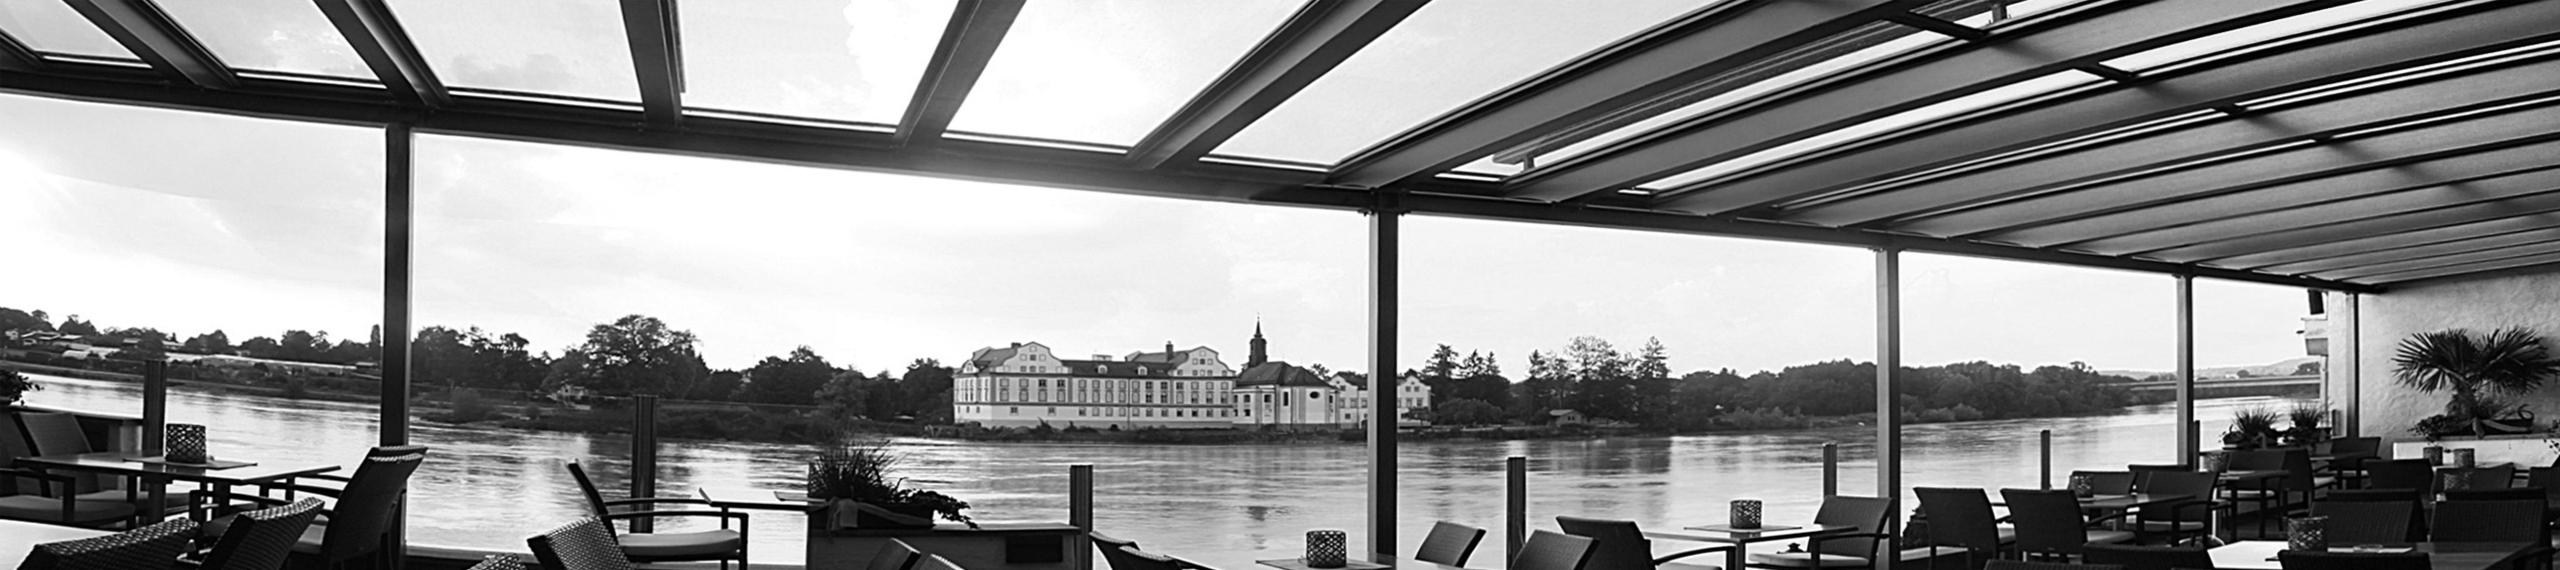 vordächer-carports, Vordächer, Carports, Auer Metall, Oberösterreich